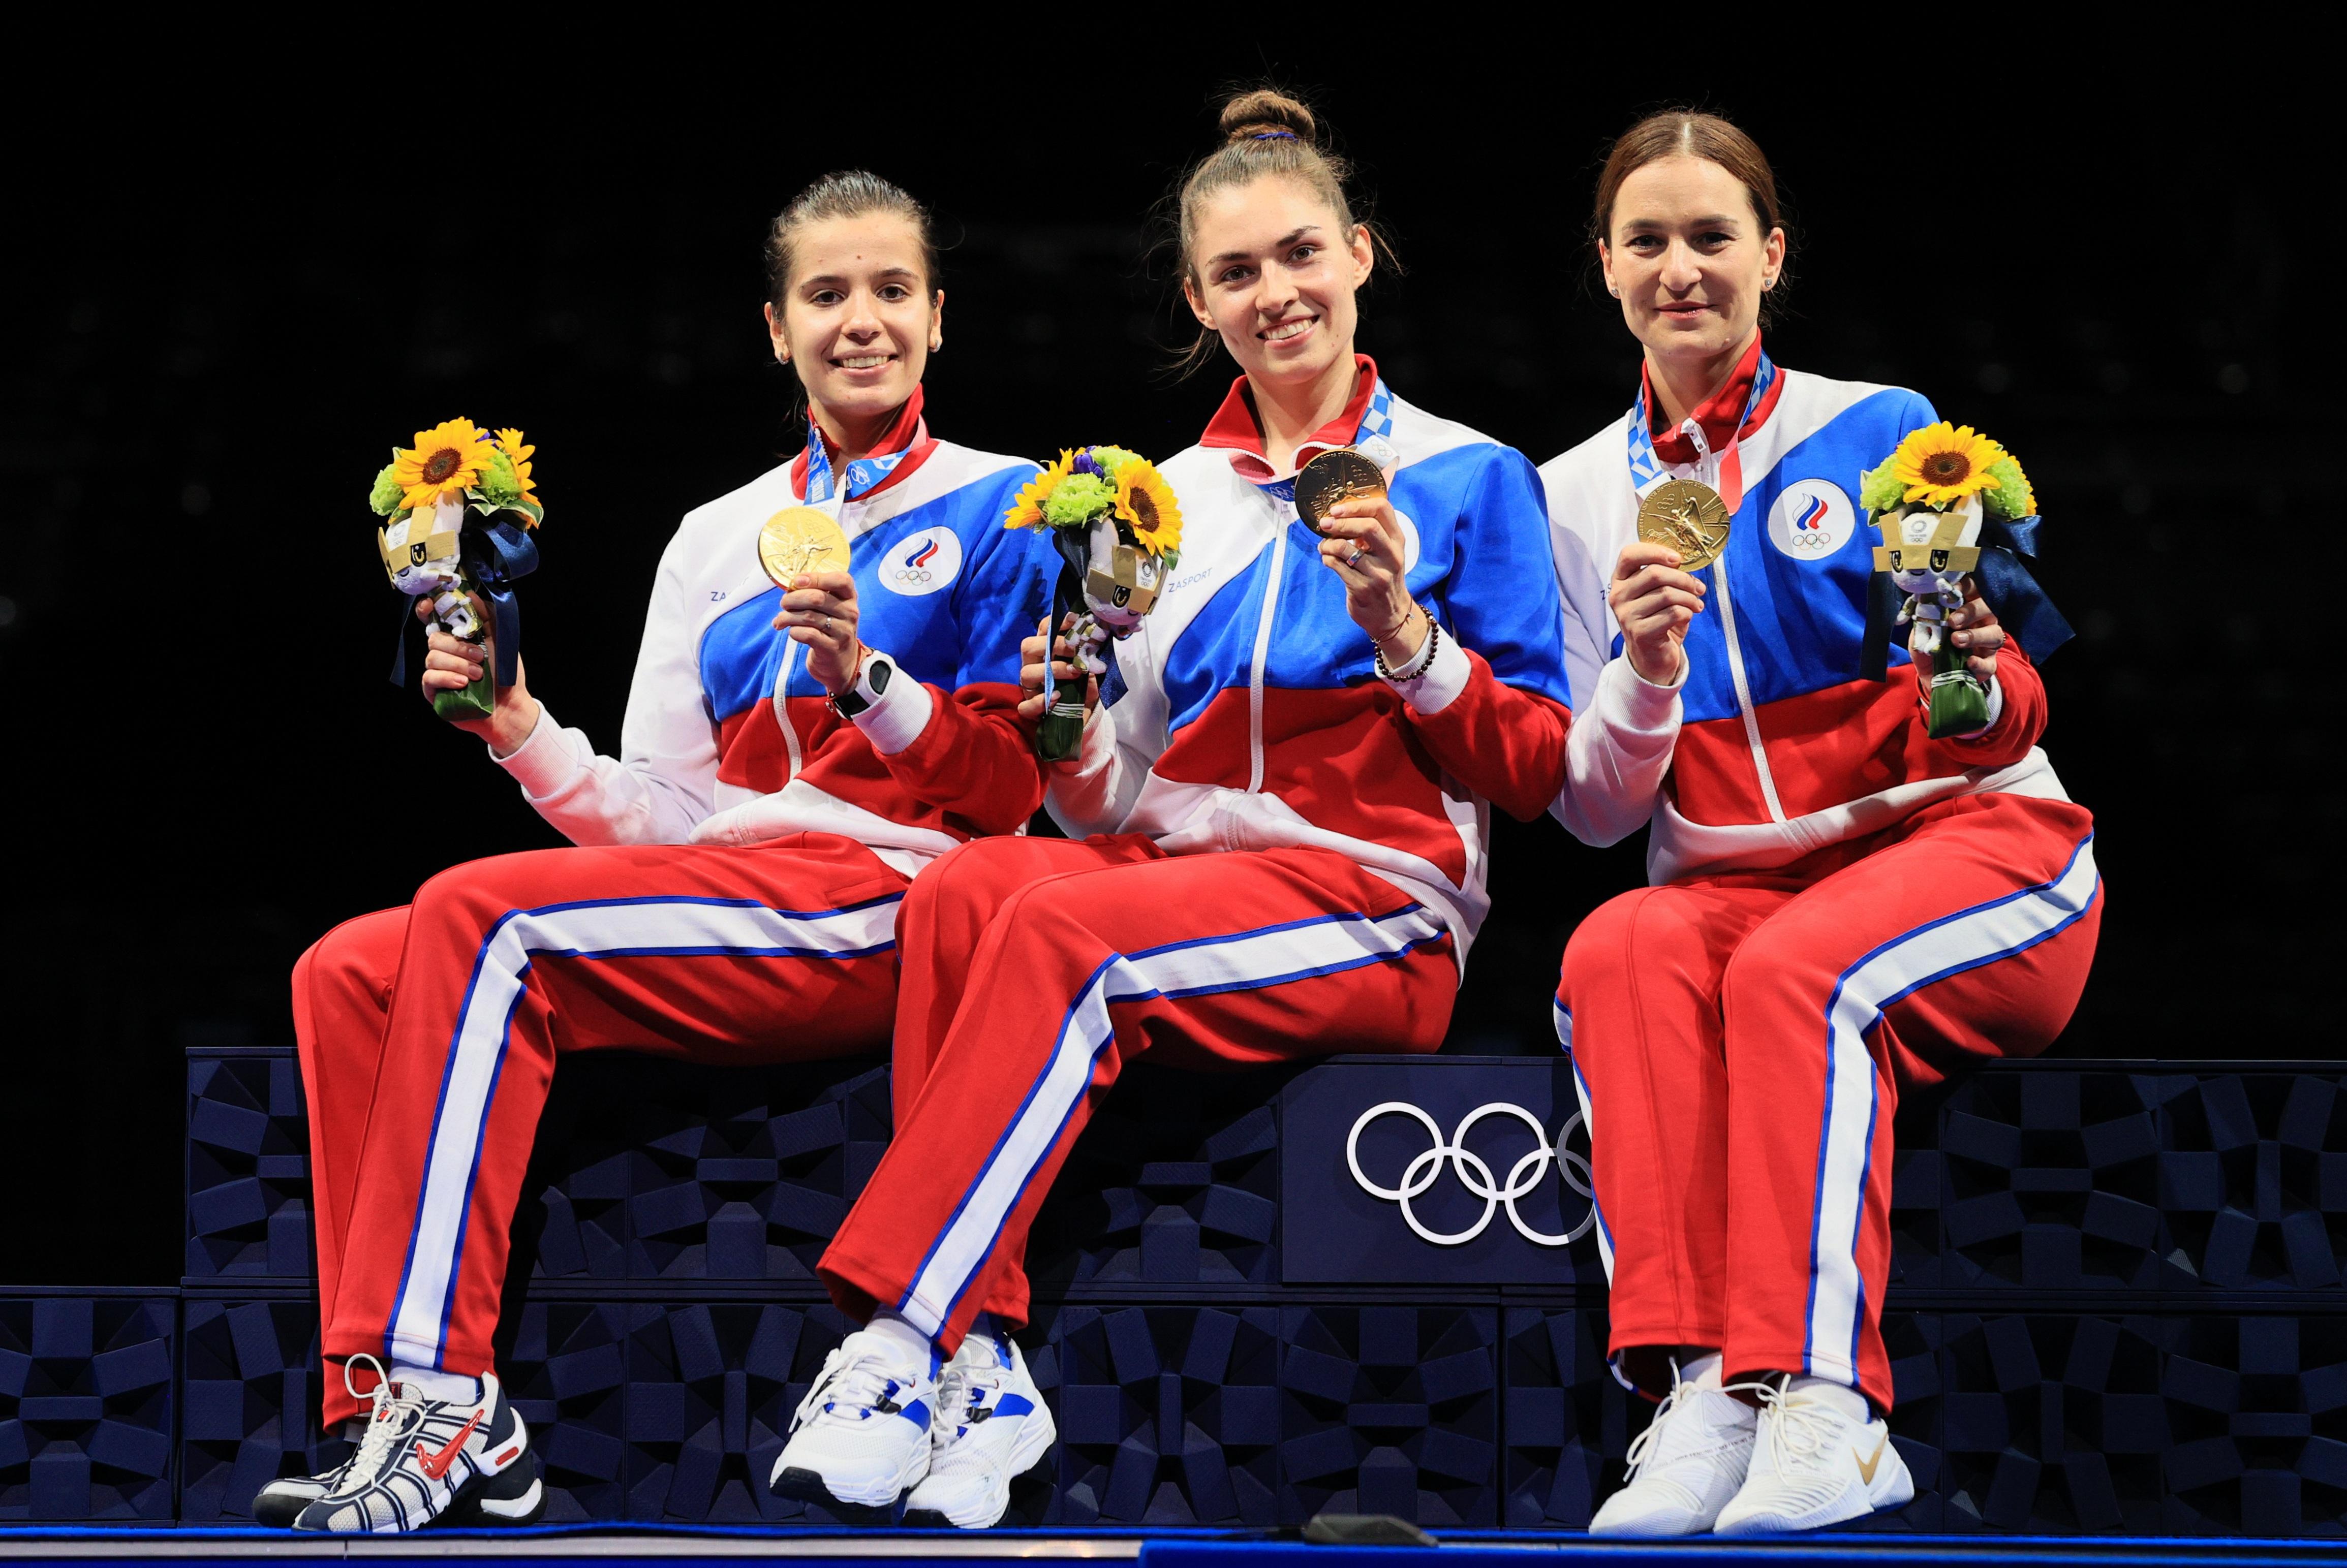 Фото: Ольга Никитина, Софья Позднякова и Софья Великая (Сергей Бобылев/ТАСС)